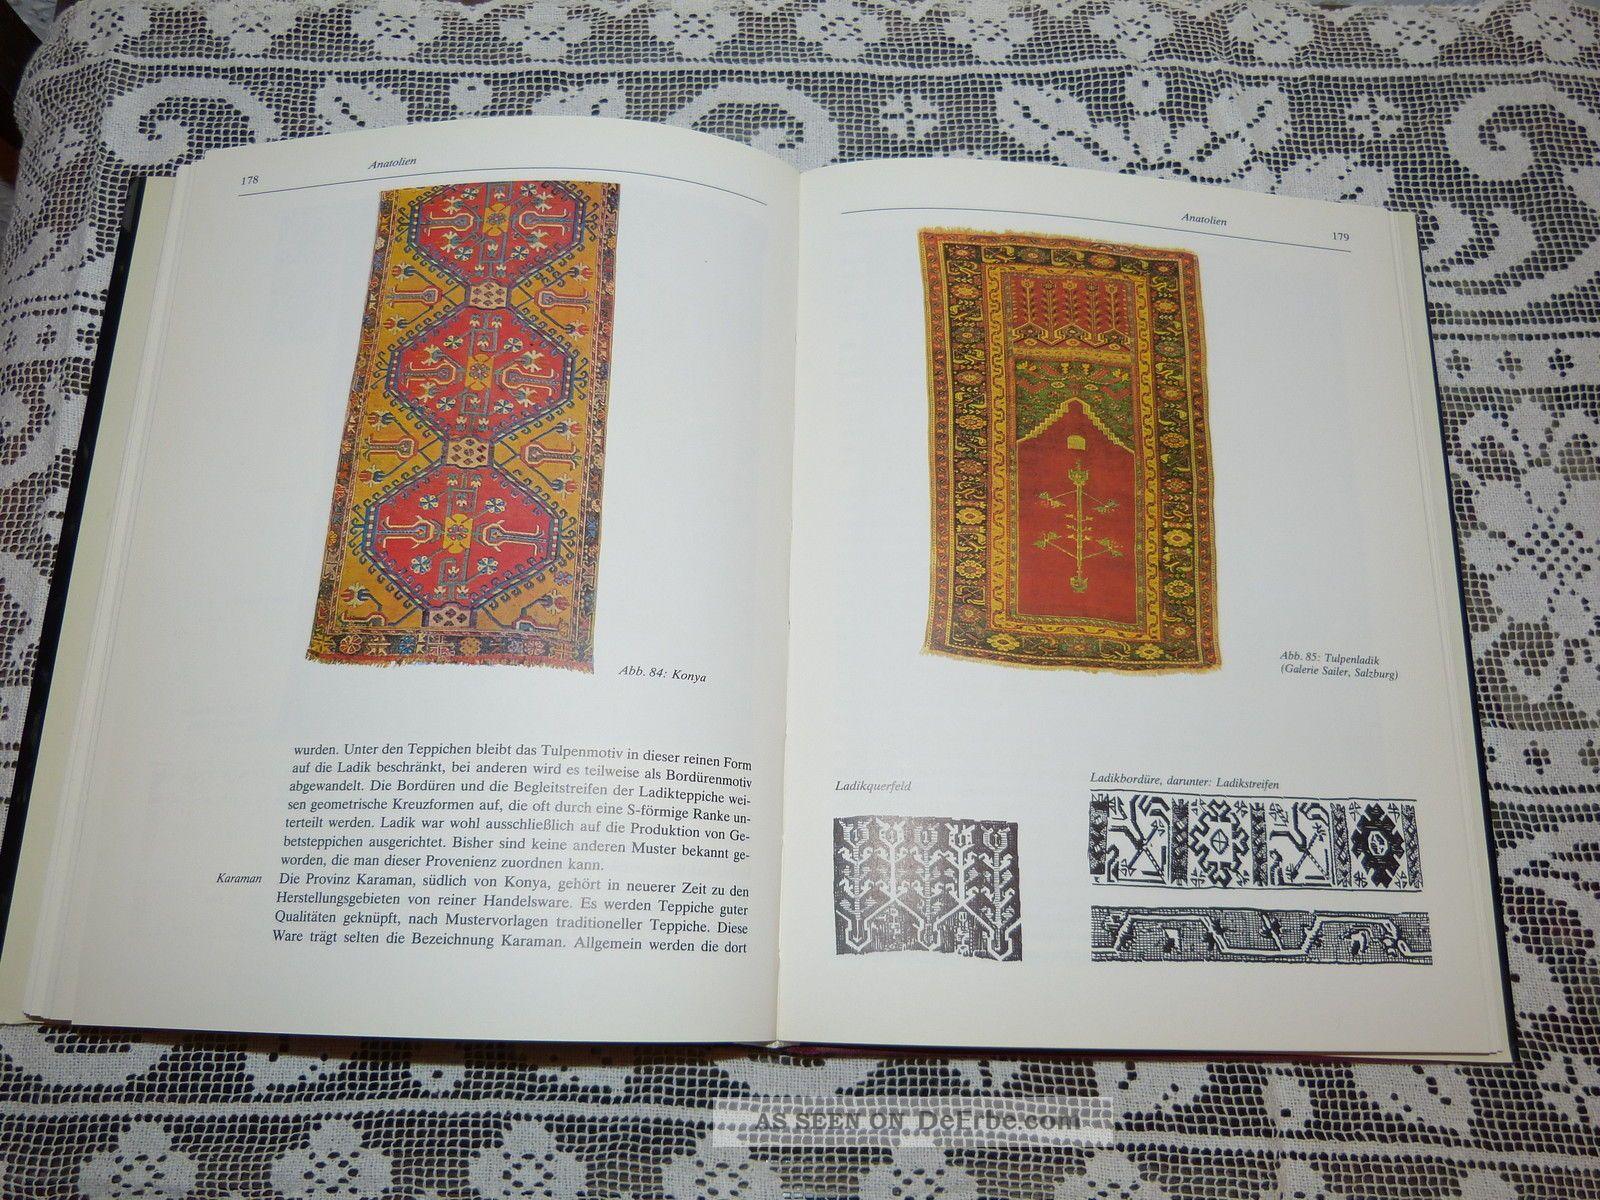 orient teppiche handbuch zum erkennen kaufen und erhalten dieser teppiche. Black Bedroom Furniture Sets. Home Design Ideas